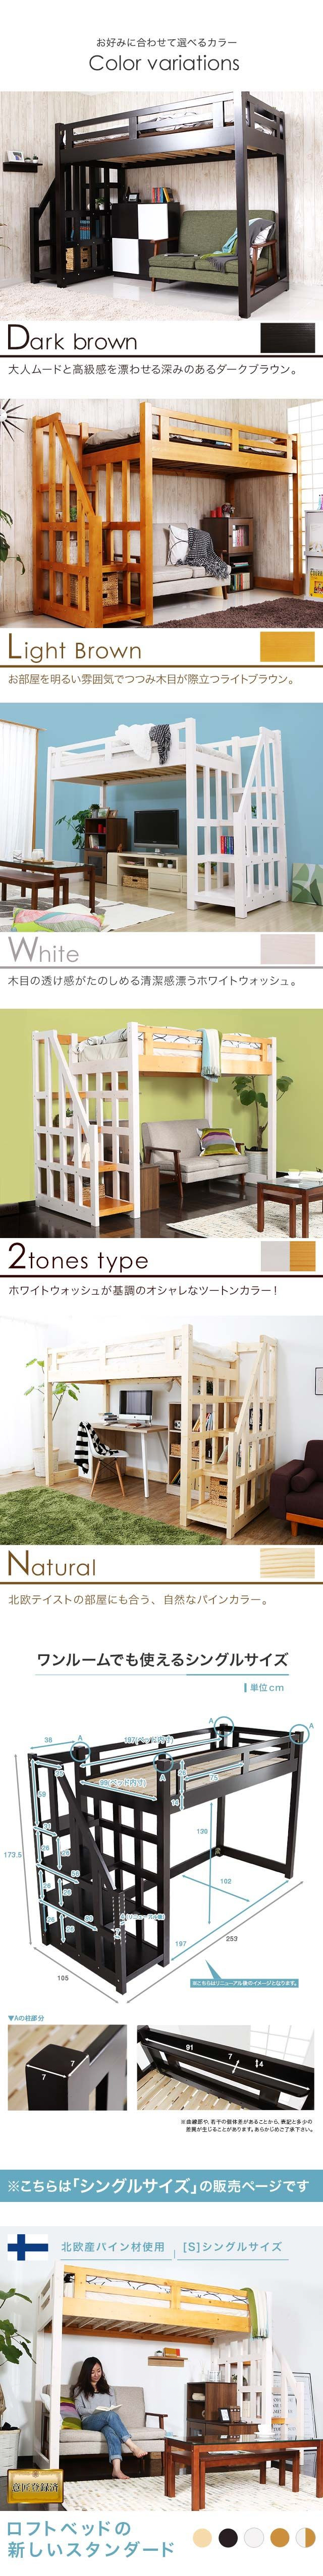 ロフトベッド システムベッド 木製ベッド 階段 シングル。ロフトベッド 木製 シングル ハイタイプ 宮付き 階段 北欧産パイン材使用 頑丈 ロフトベッド 木製ベッド 2段ベッド 子供 子供部屋 子供ベッド 新生活